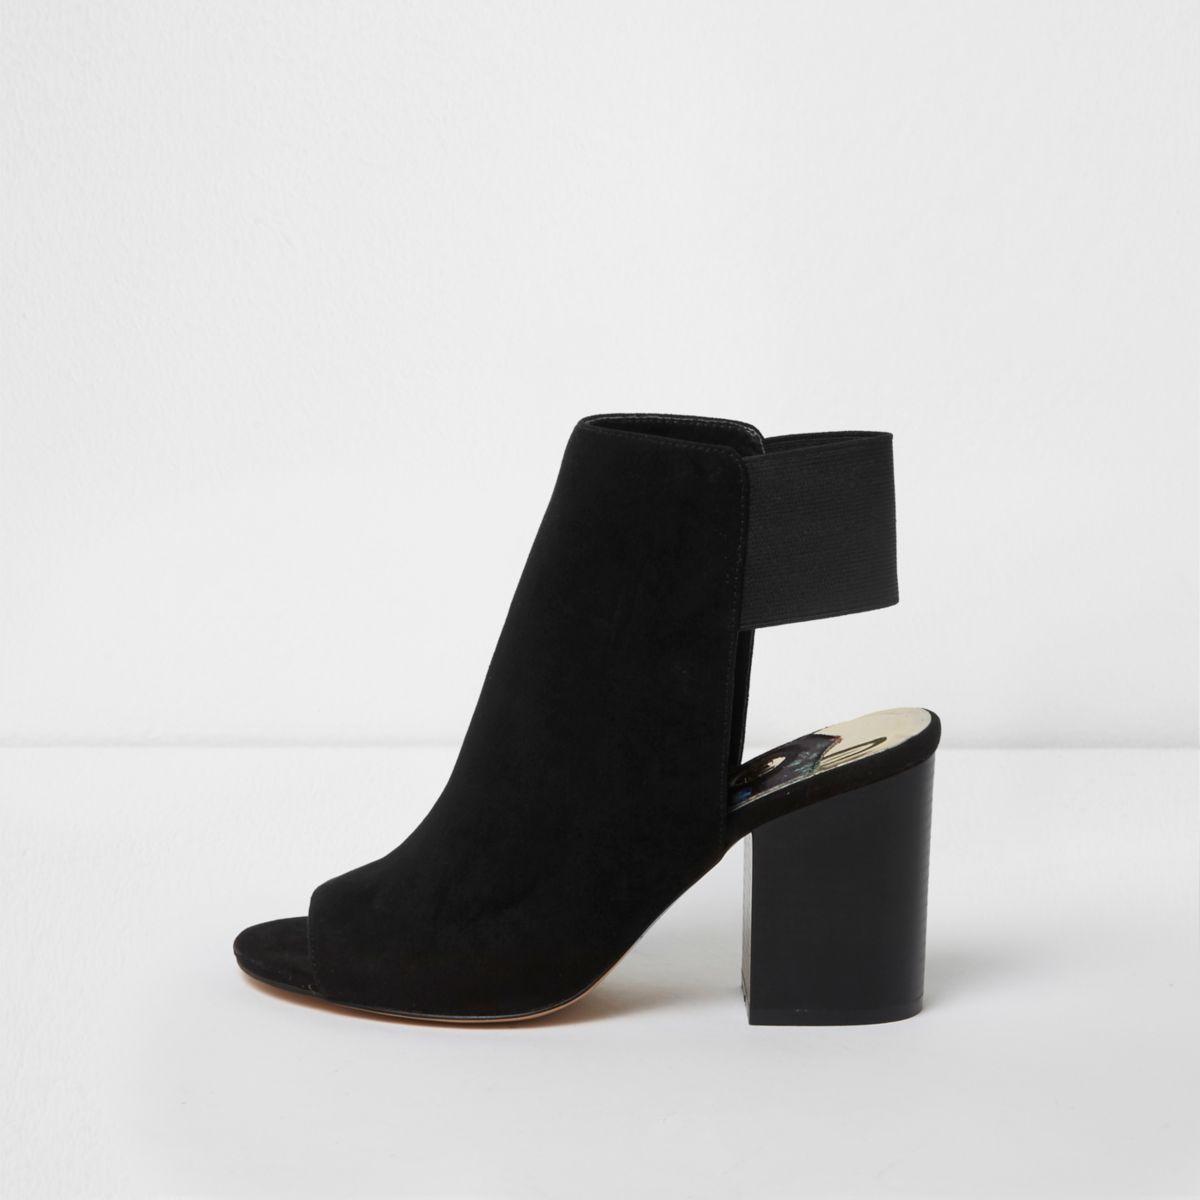 Black block heel shoe boots